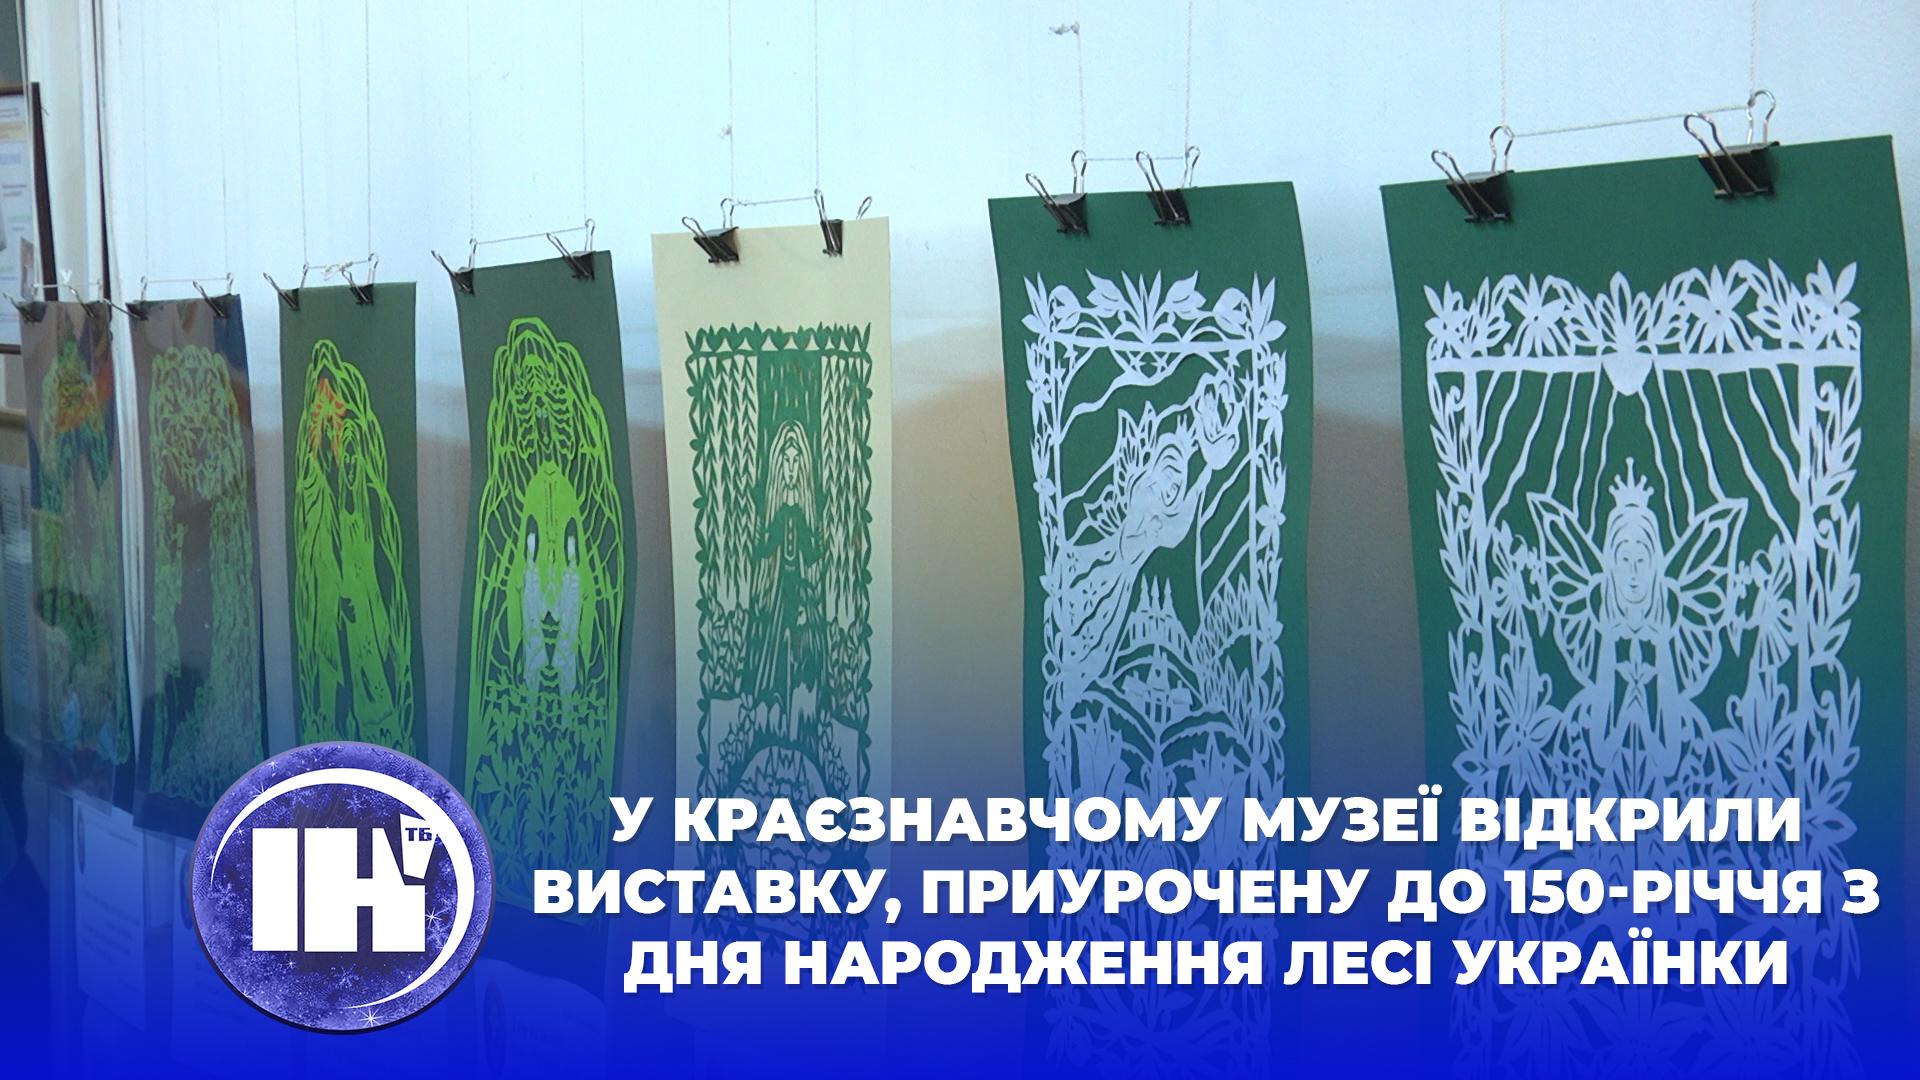 У краєзнавчому музеї відкрили виставку, приурочену до 150-річчя з Дня народження Лесі Українки